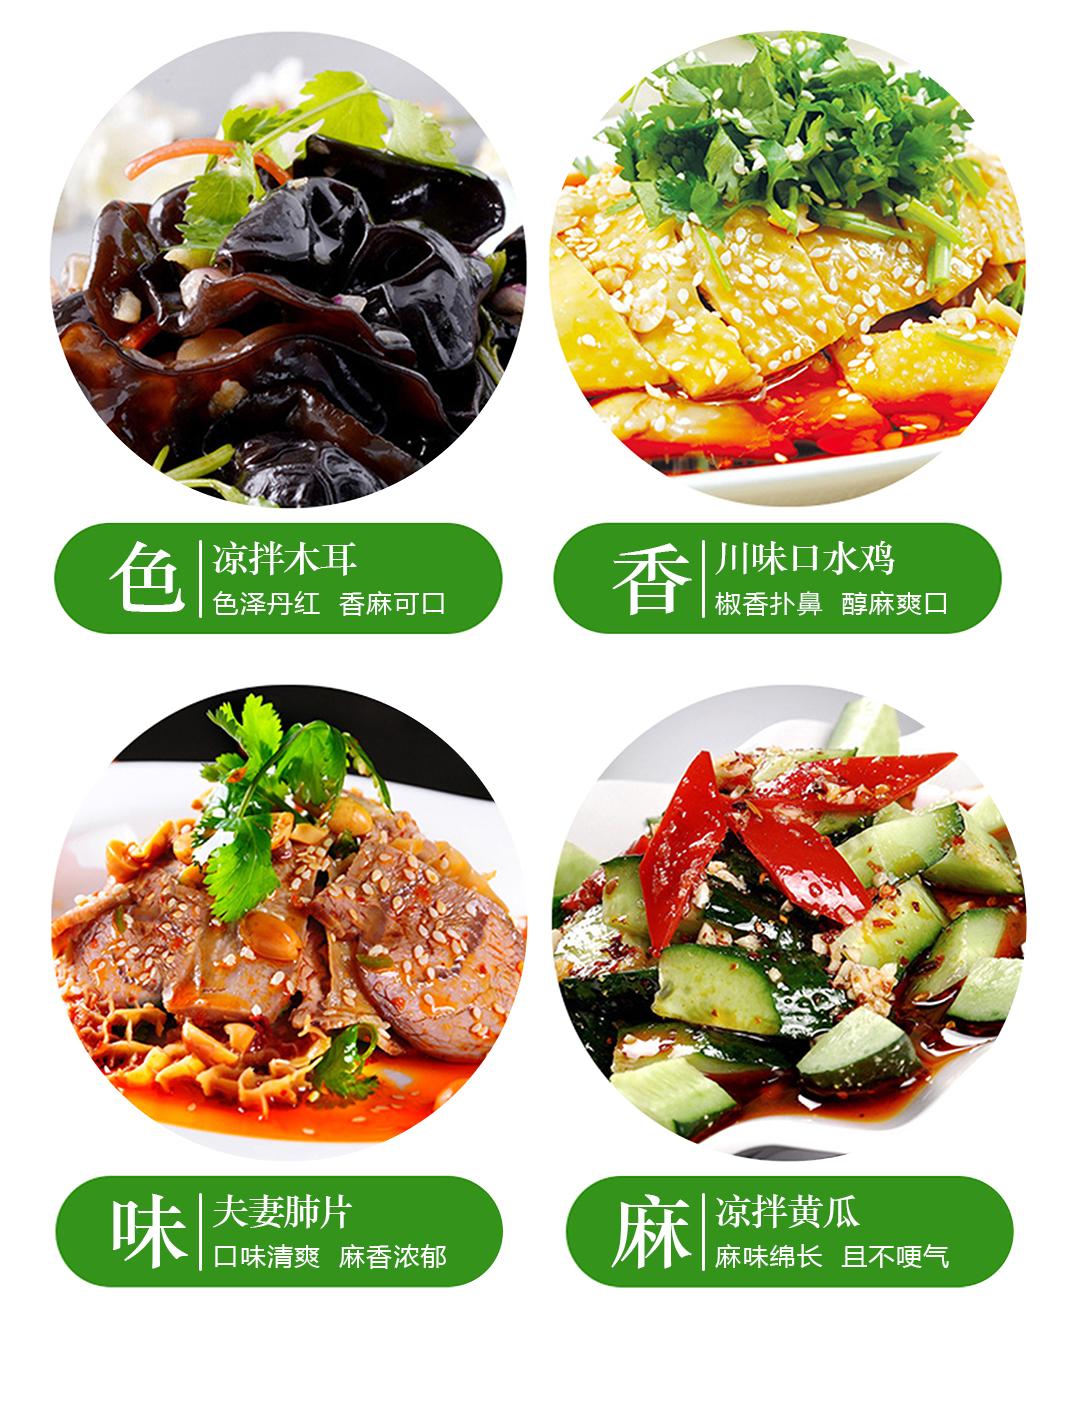 麻椒油产品简介图3_04.jpg